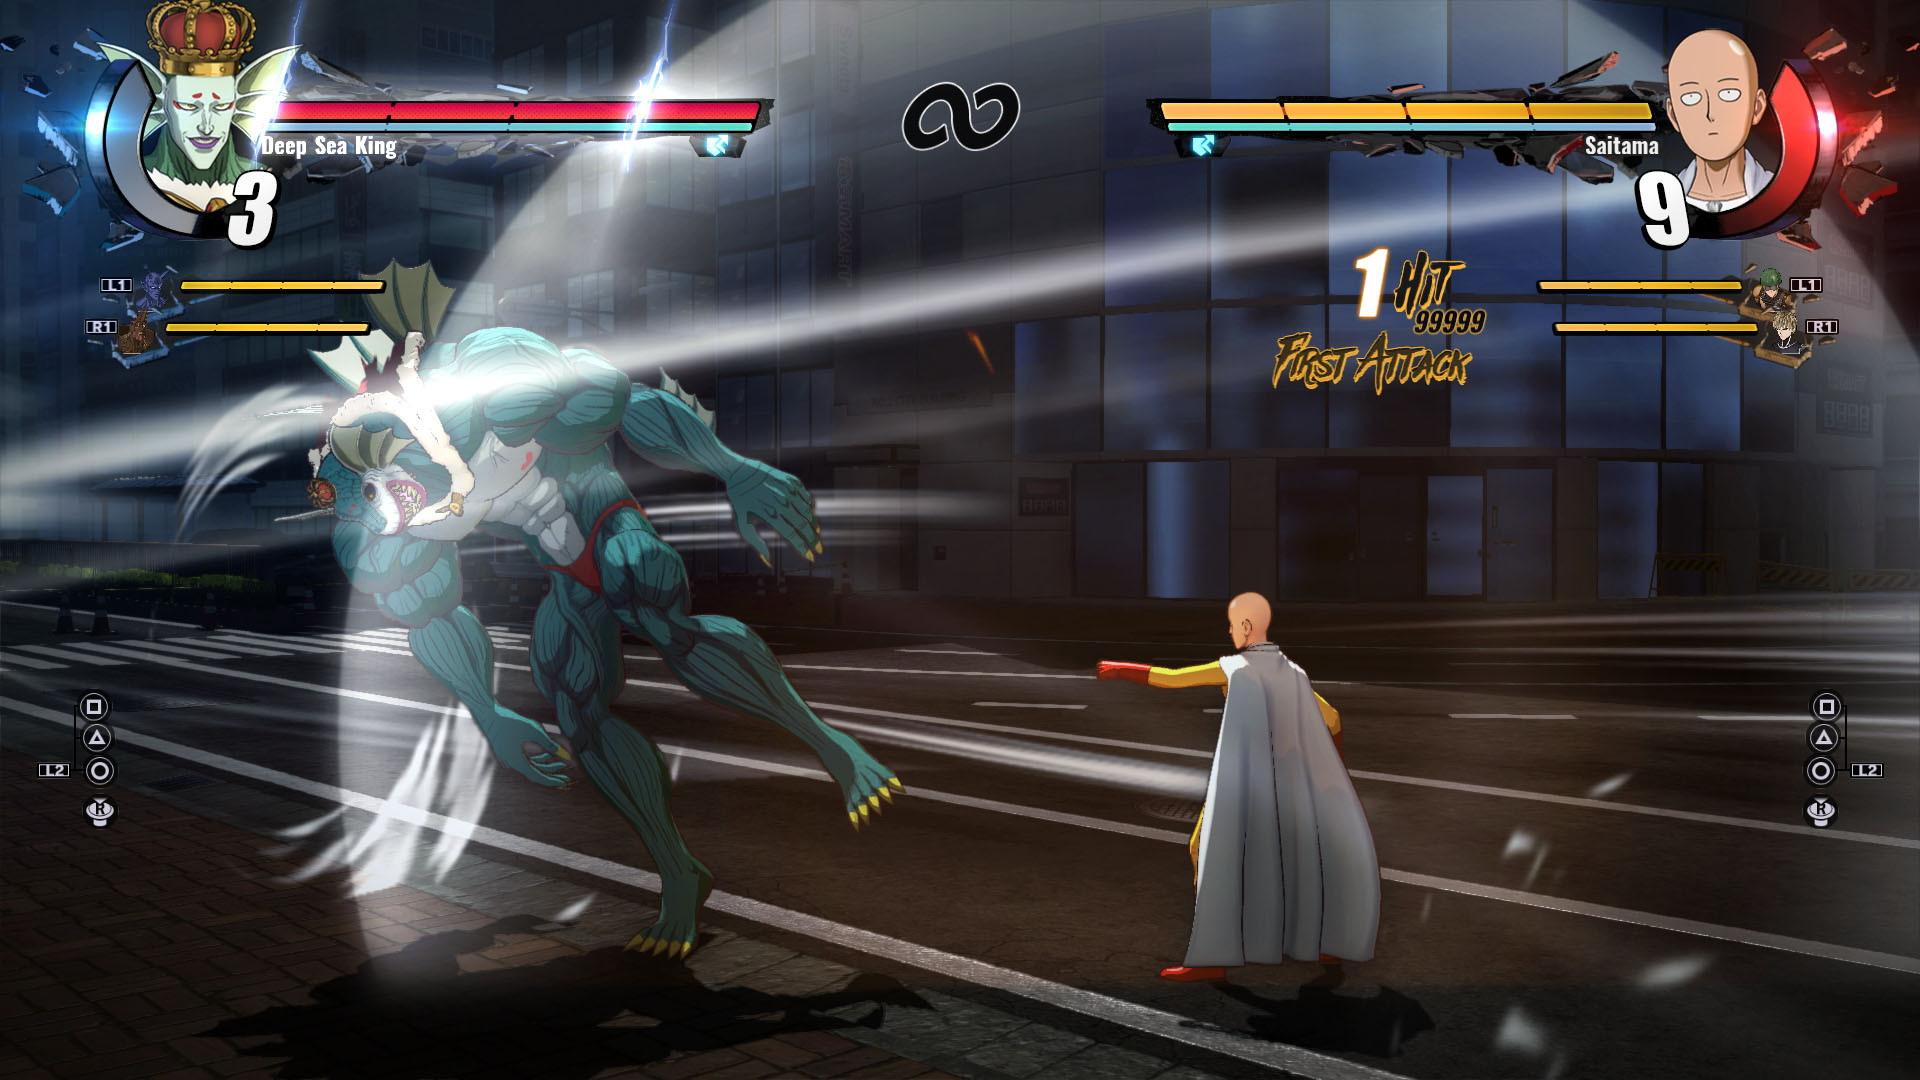 一拳超人:无名英雄 完整版 | 官方简体中文 | 支持键盘、鼠标、手柄 | 赠多项修改器-开心电玩屋